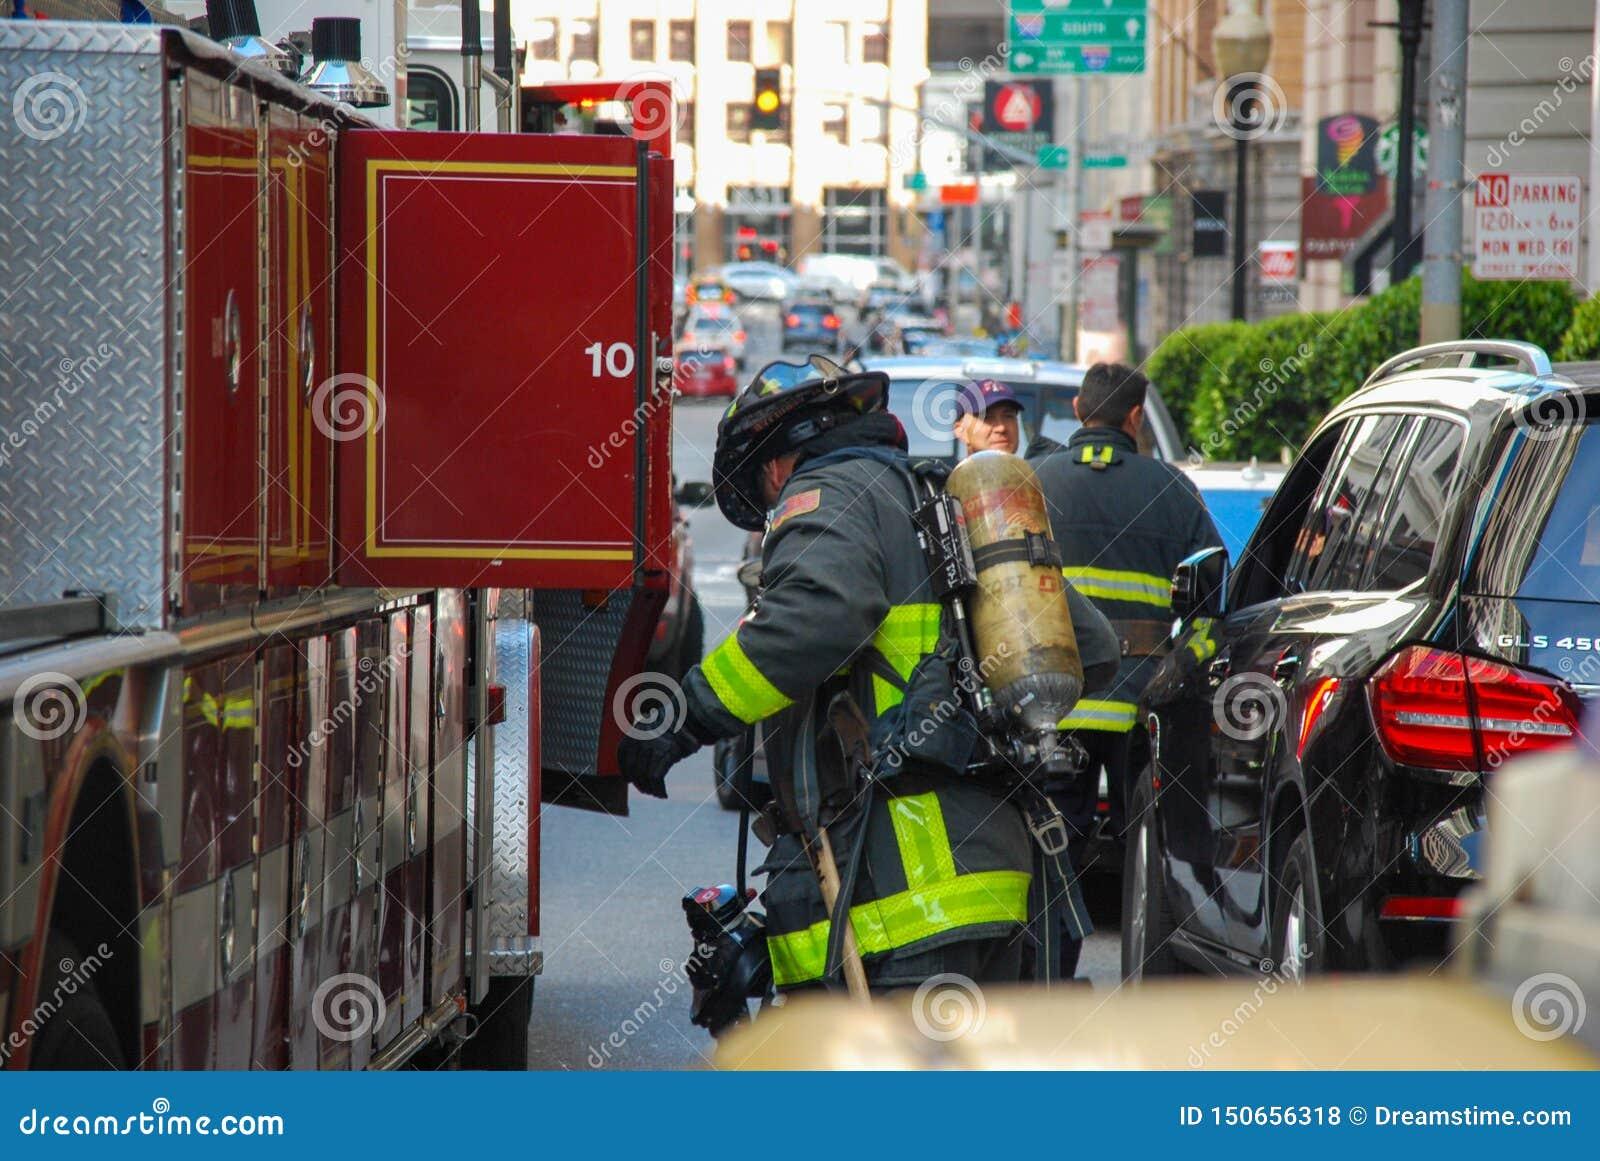 Πυροσβεστική αντλία του Σαν Φρανσίσκο και φόρτωση Firemean επάνω